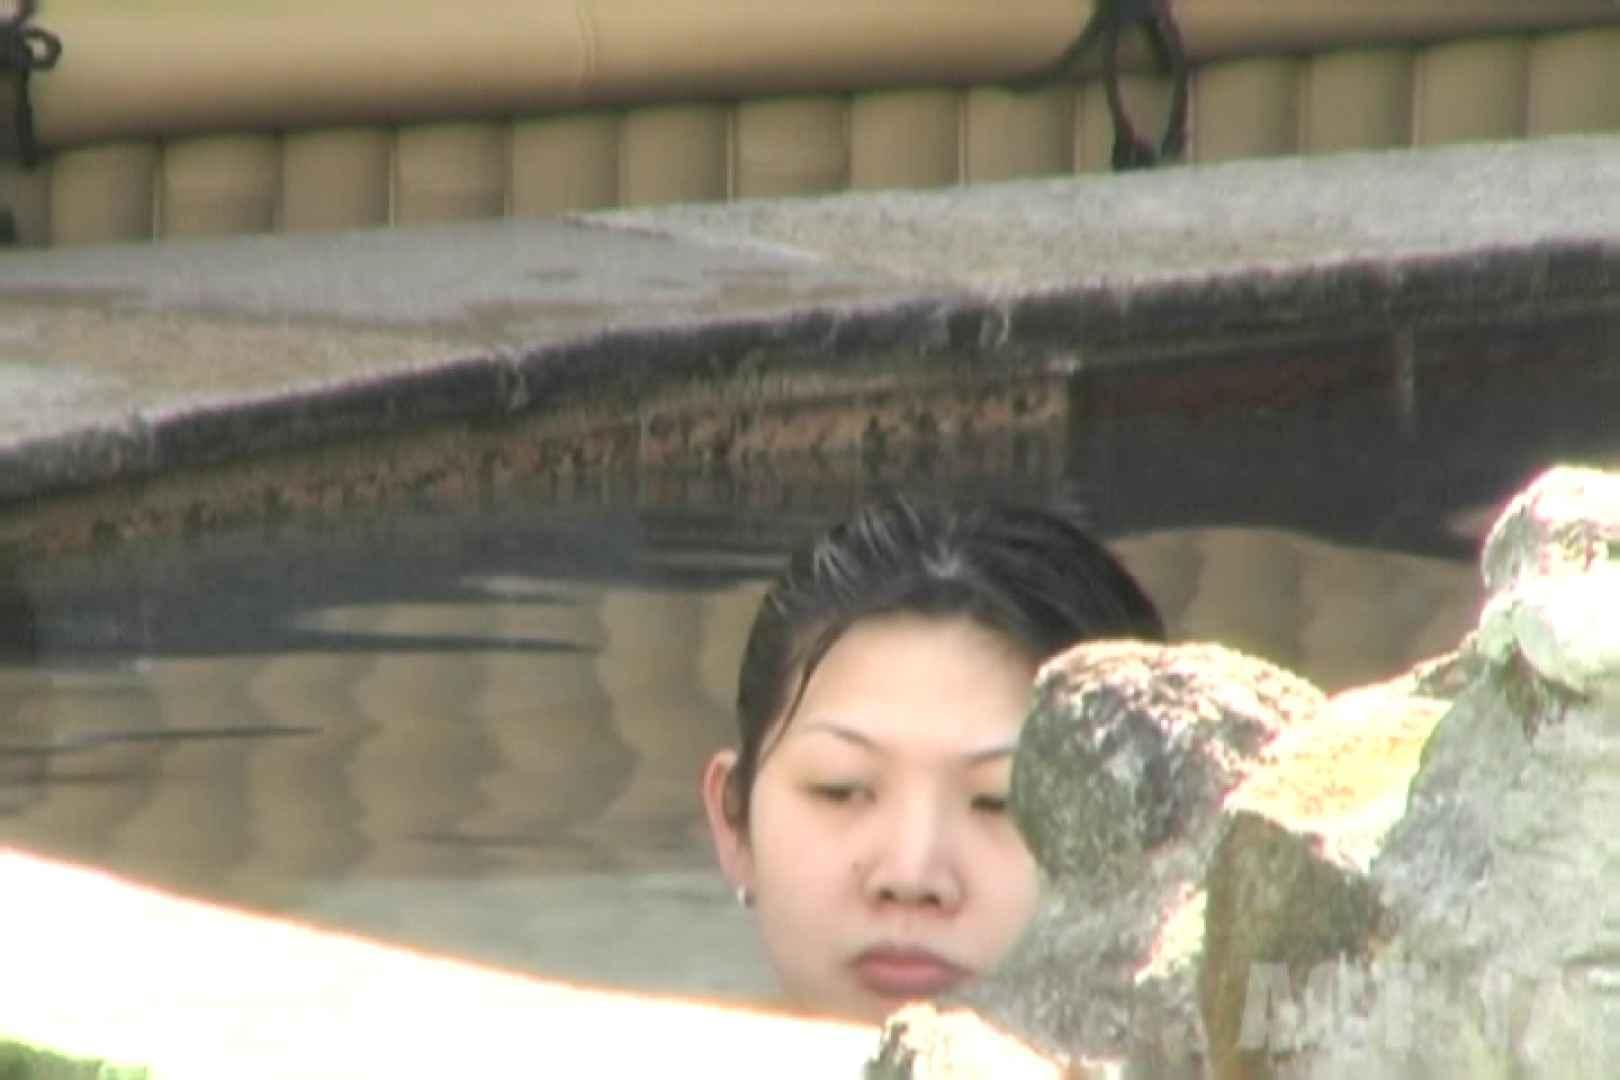 Aquaな露天風呂Vol.850 OLのエロ生活  76連発 36